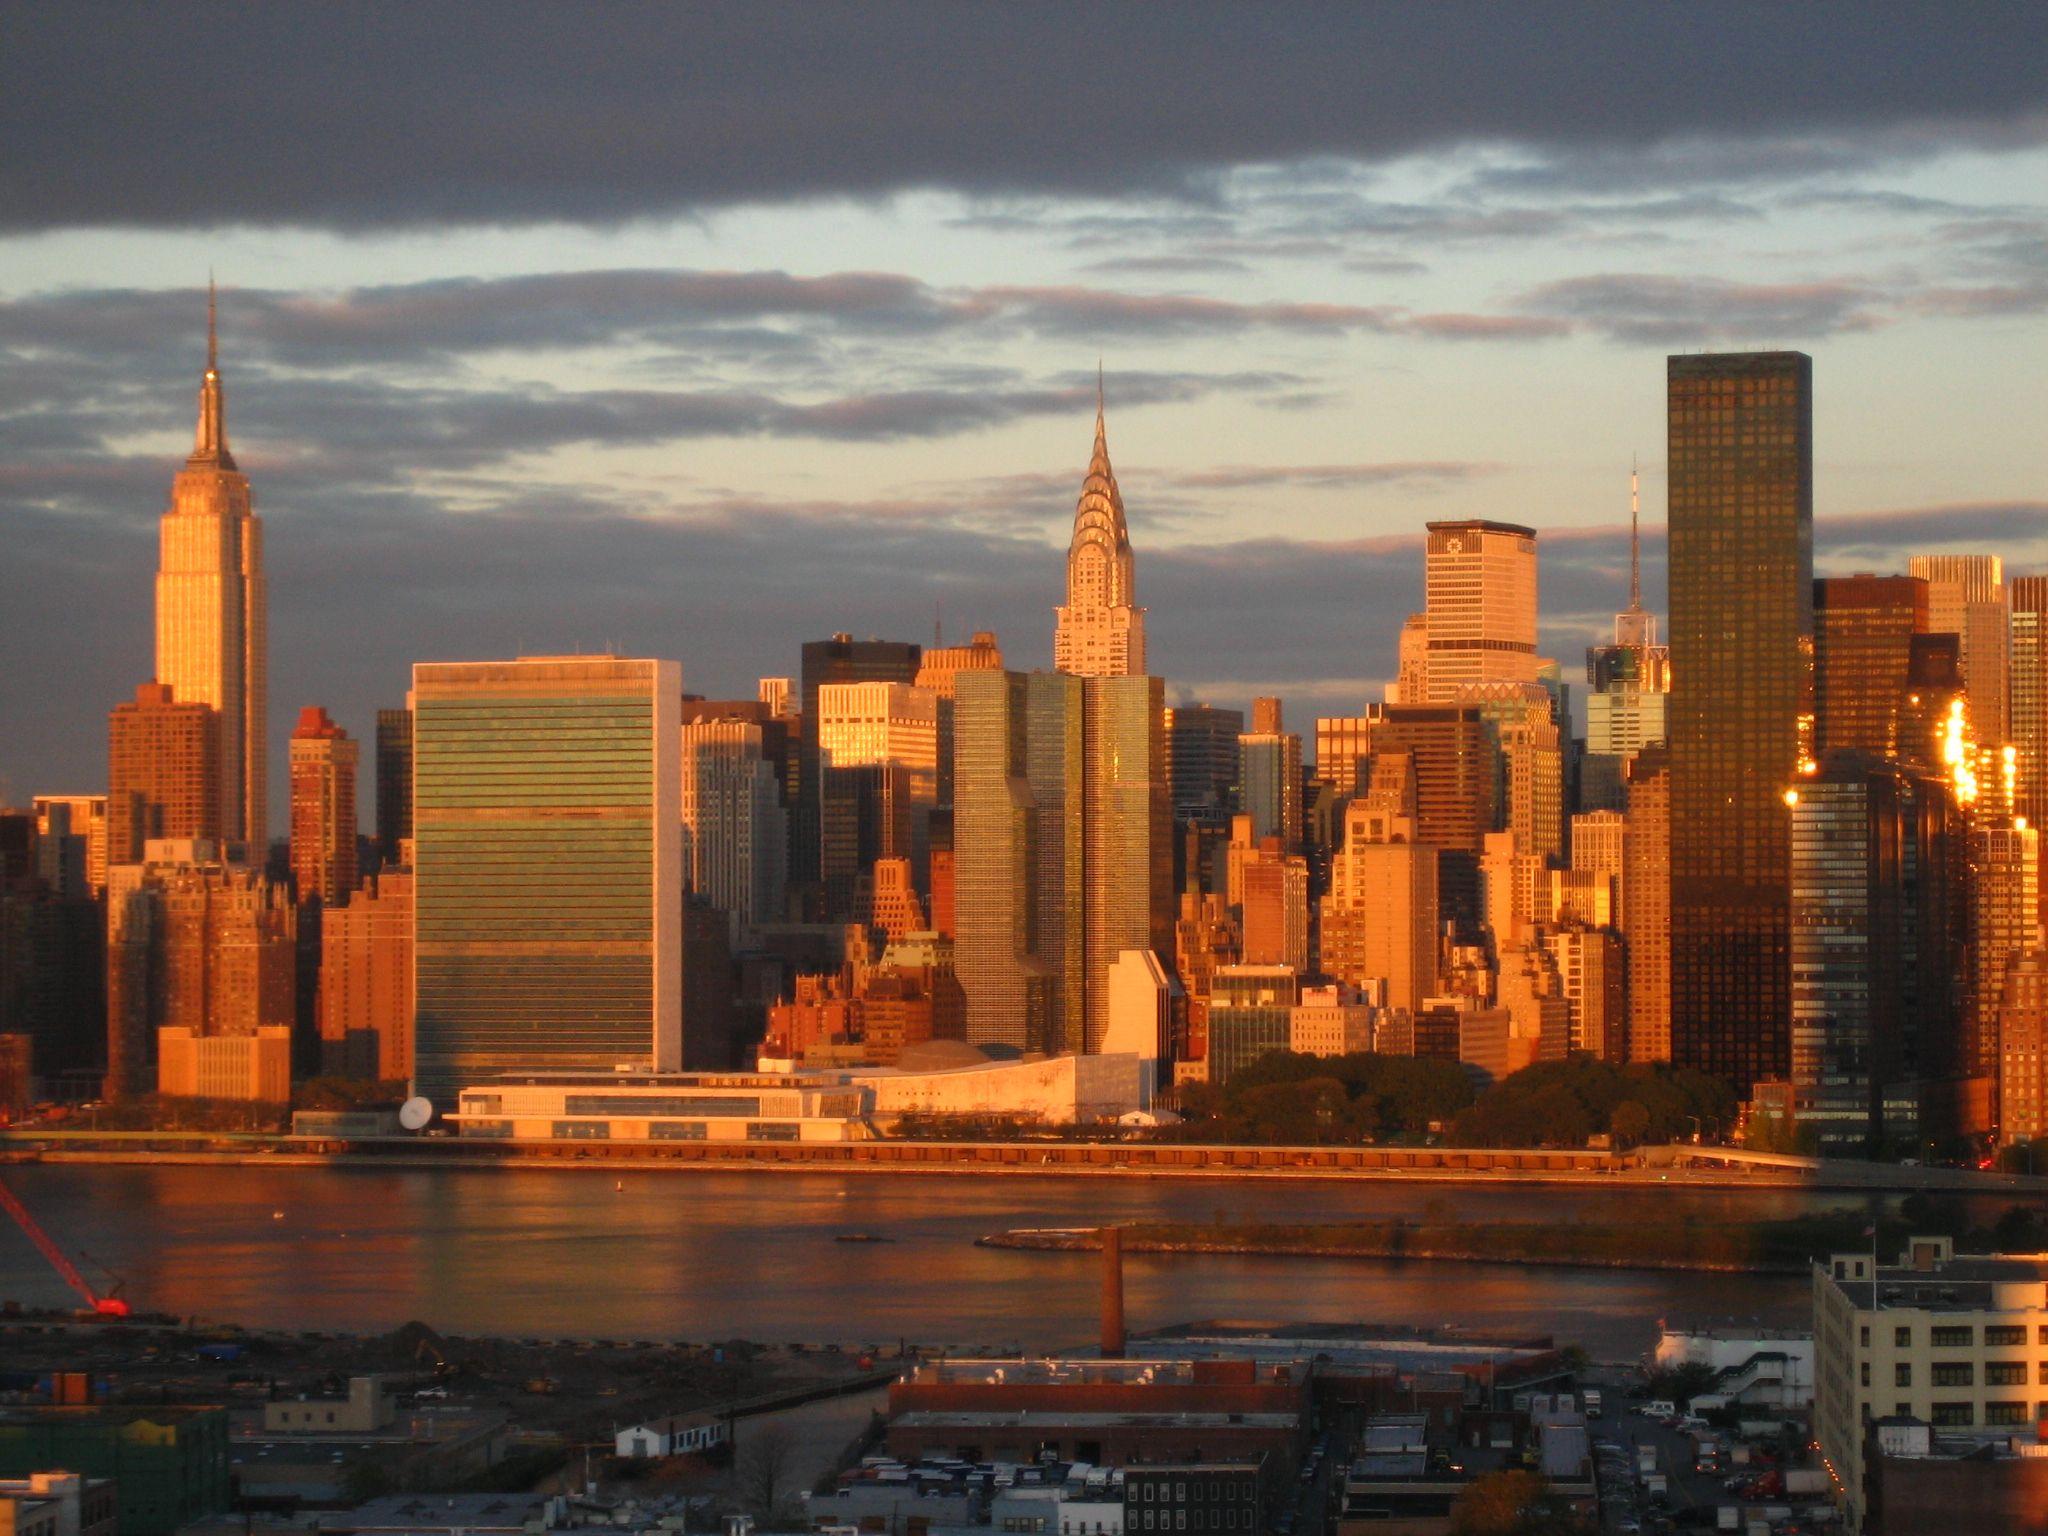 Sunrise Nyc Google Images Sunrise City Sunrise Wallpaper Sunrise